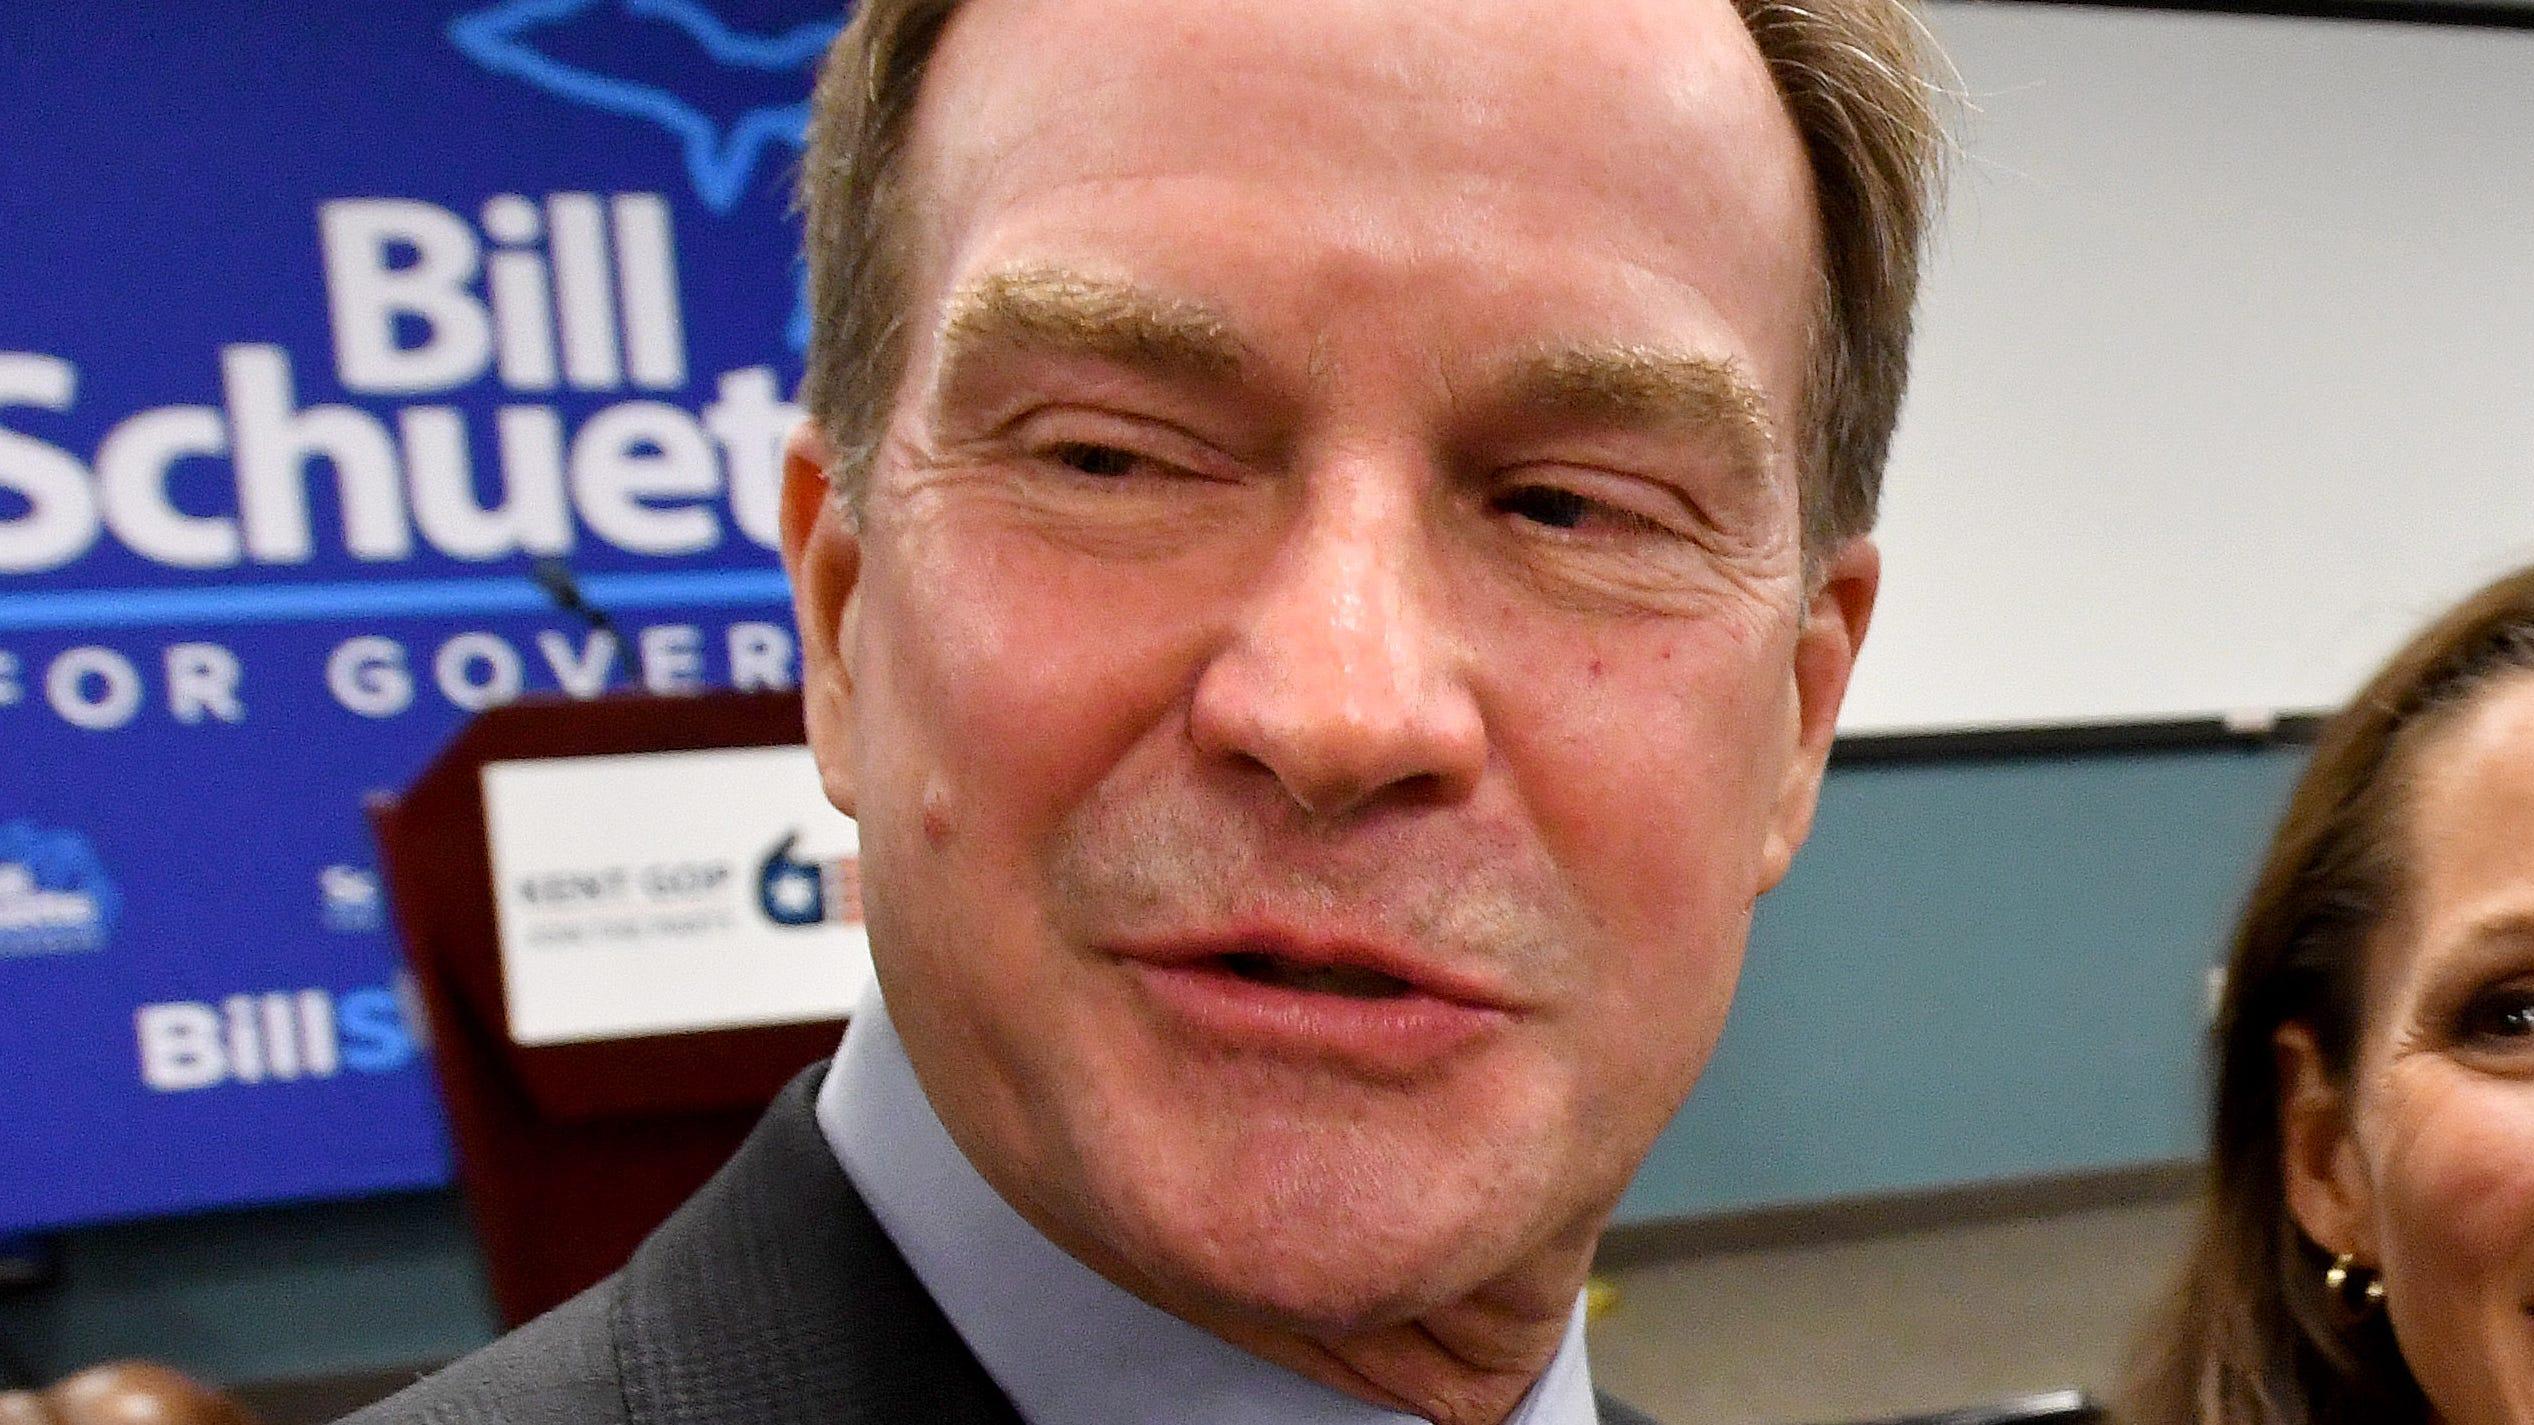 Republican gubernatorial candidate Bill Schuette